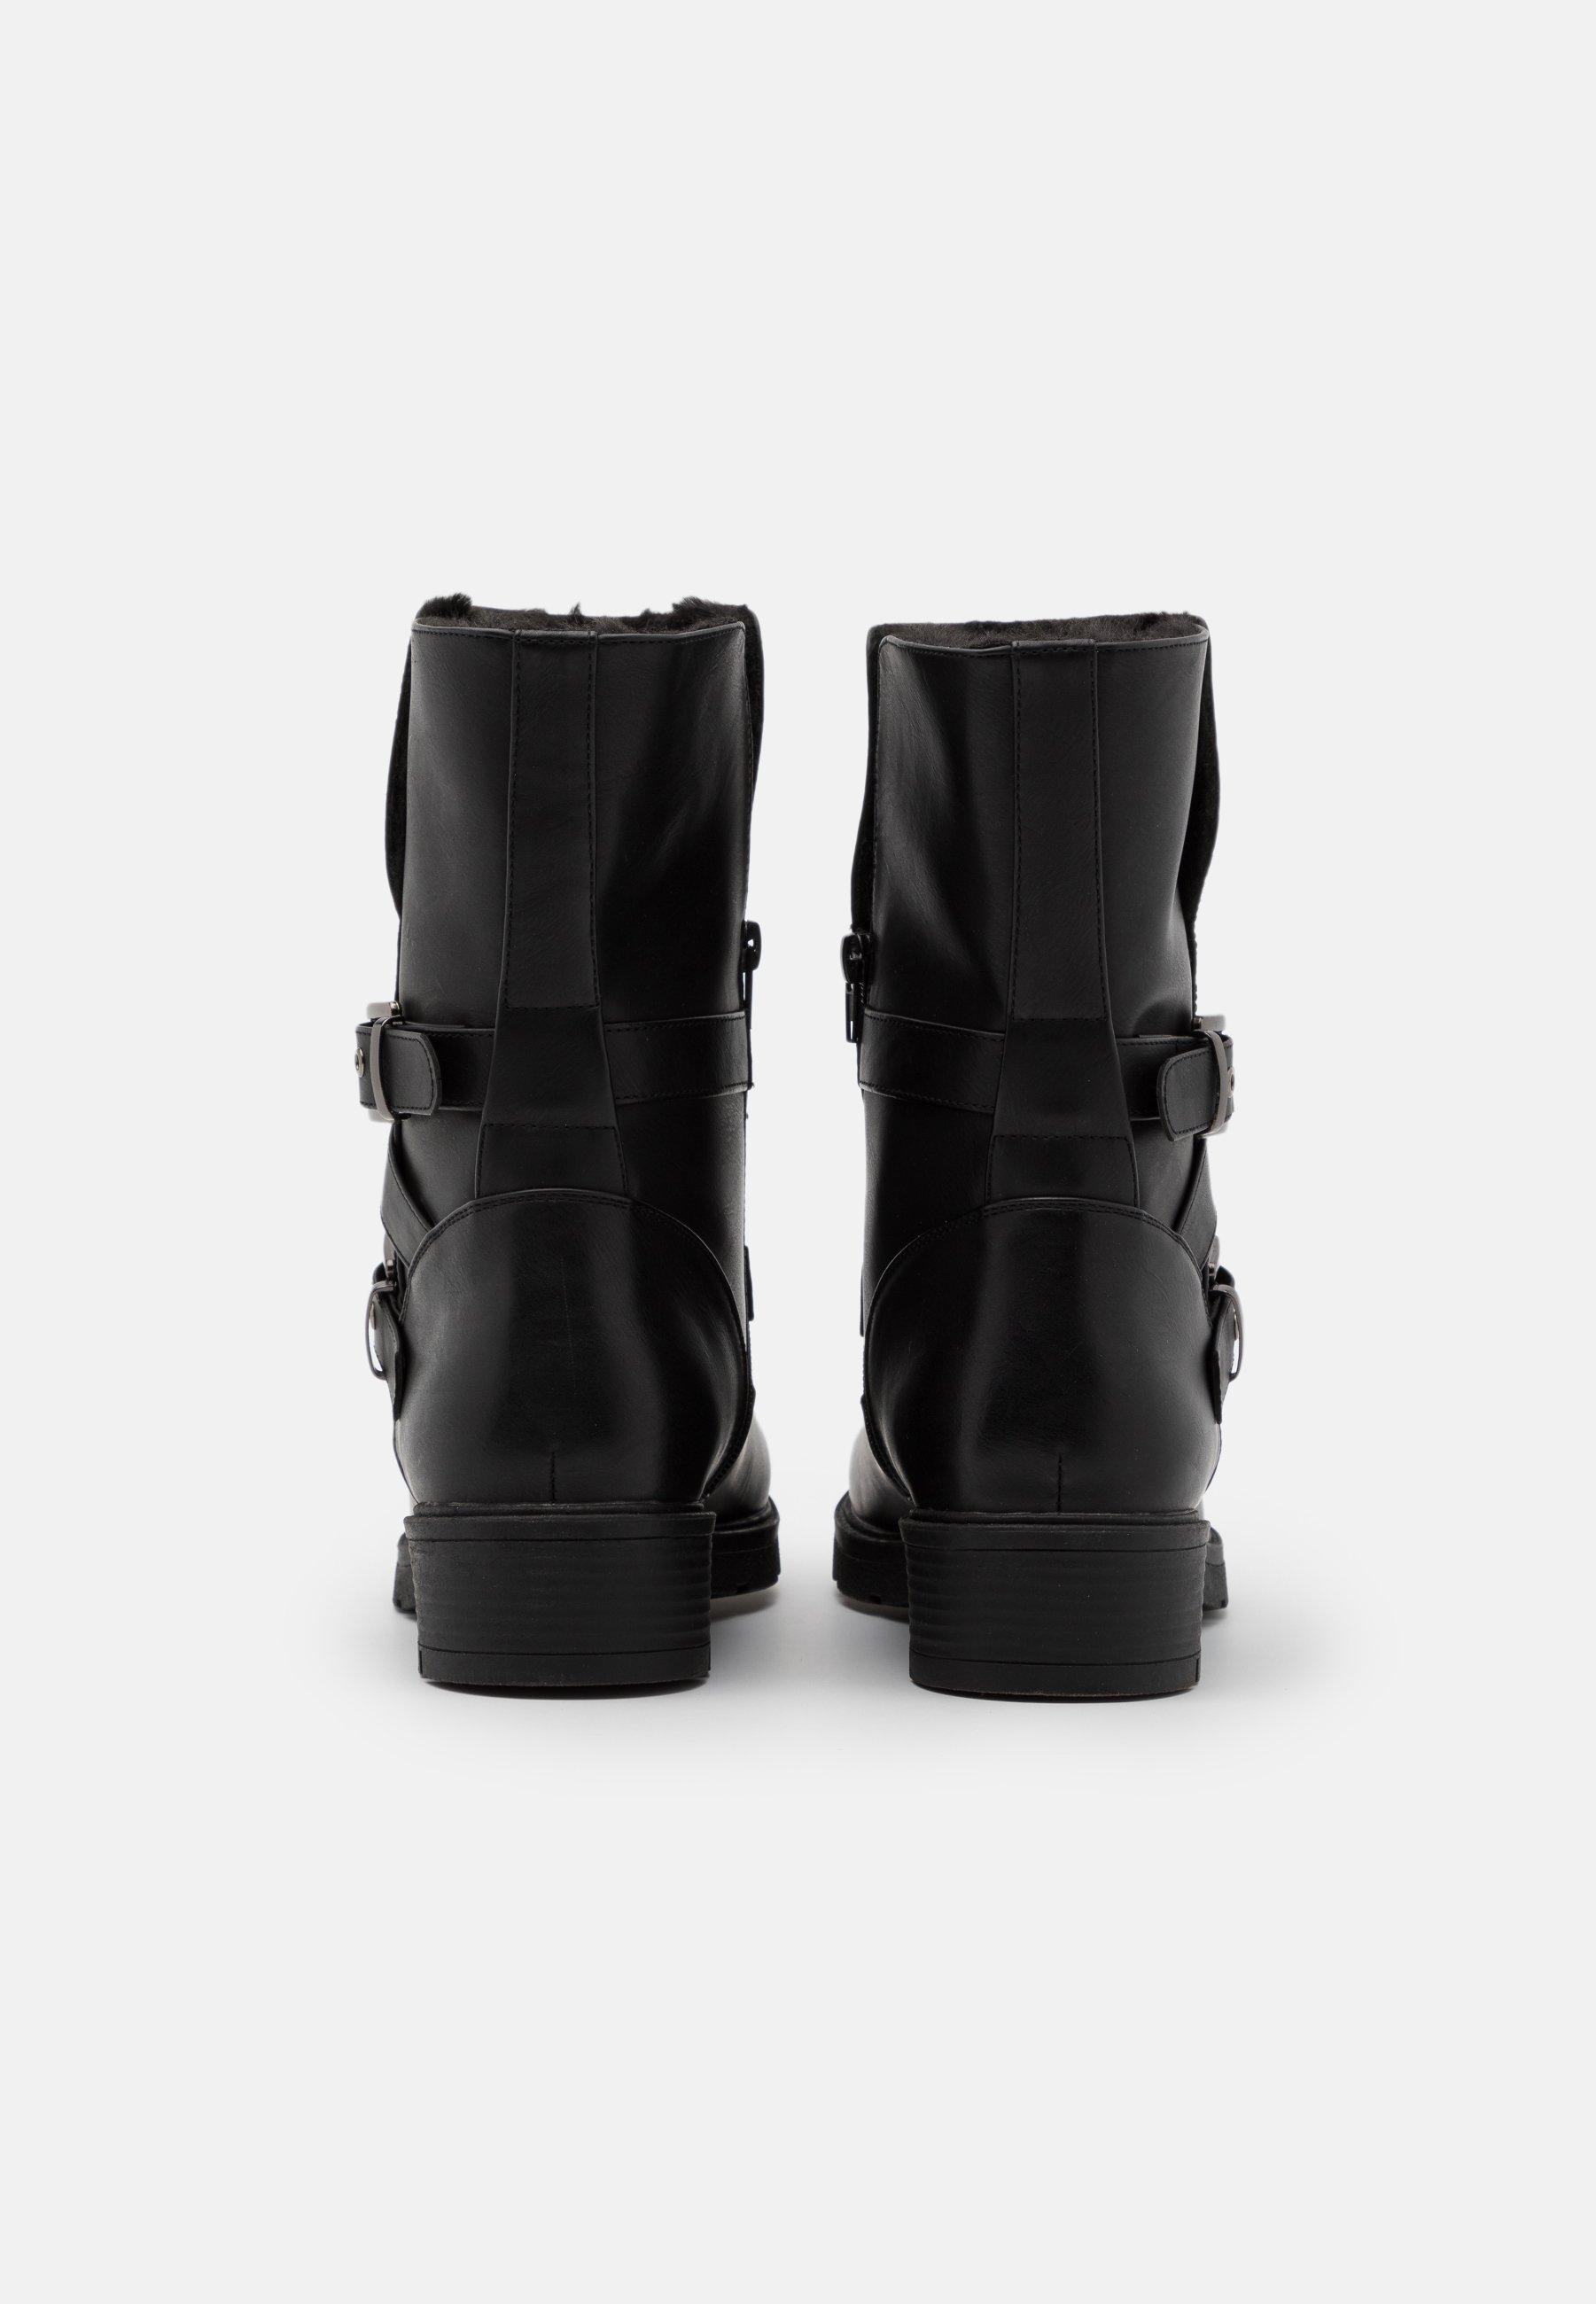 Fitters NICOLA Snowboot/Winterstiefel black/schwarz